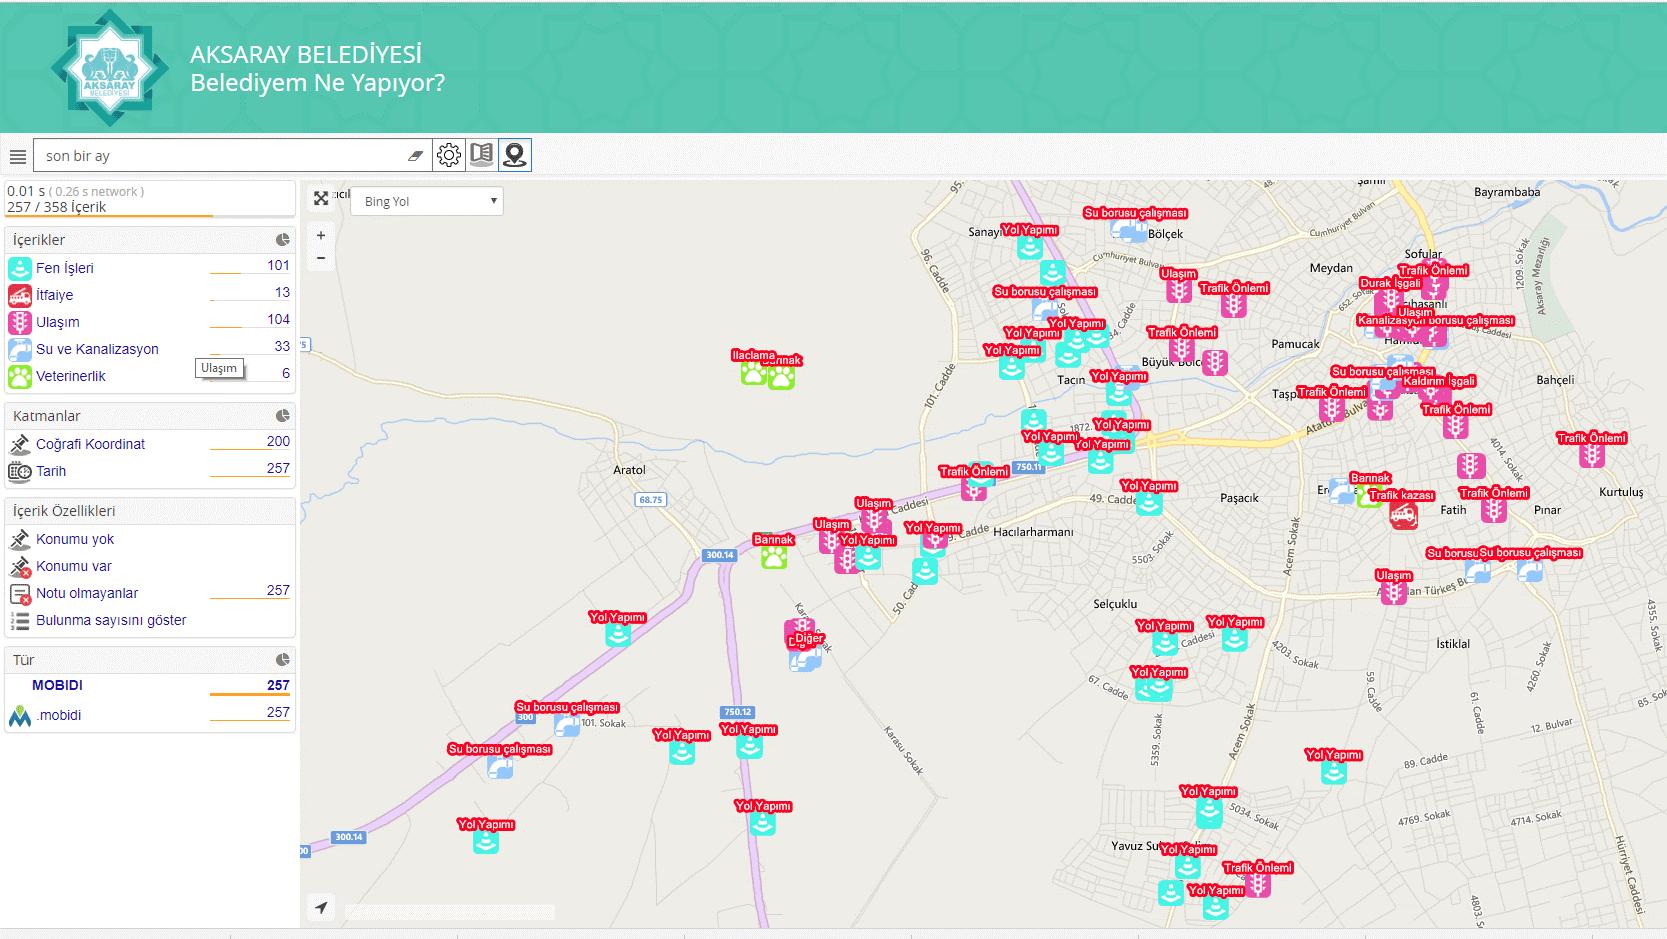 Aksaray Municipality Solutions